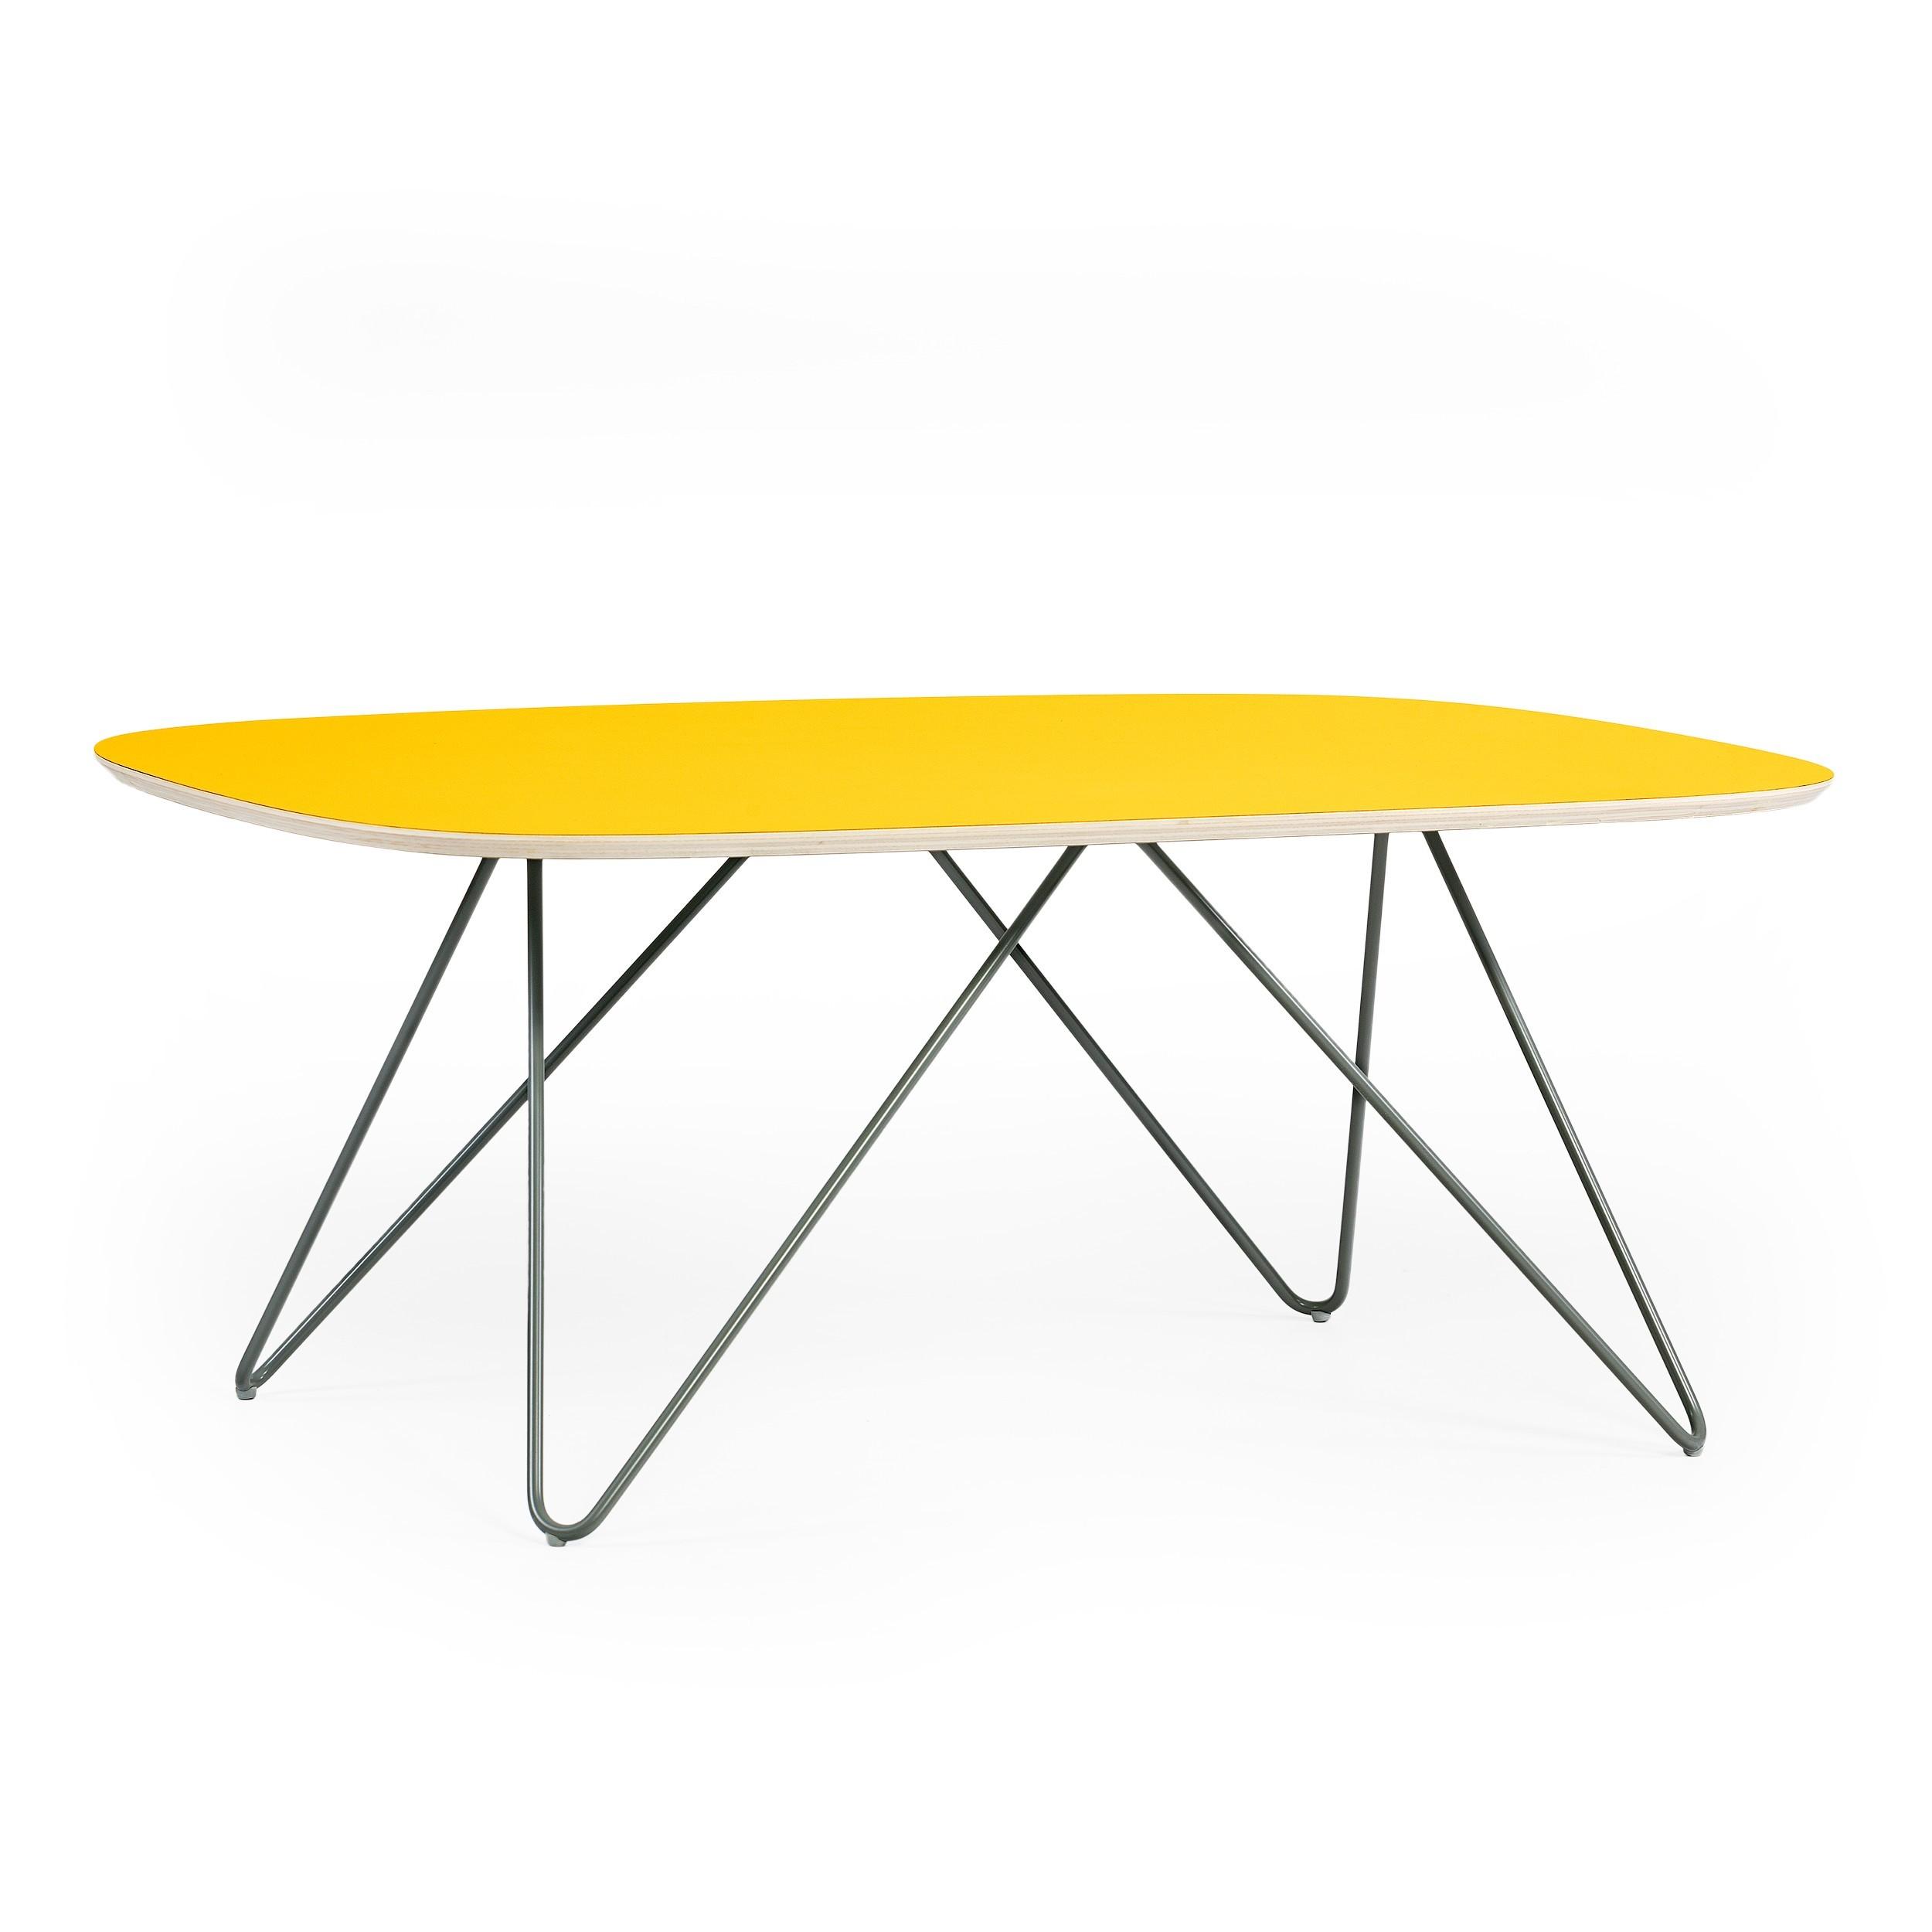 Ikea muddus klapptisch  Zig-Zag coffee table - DL - yellow - ikershop.com